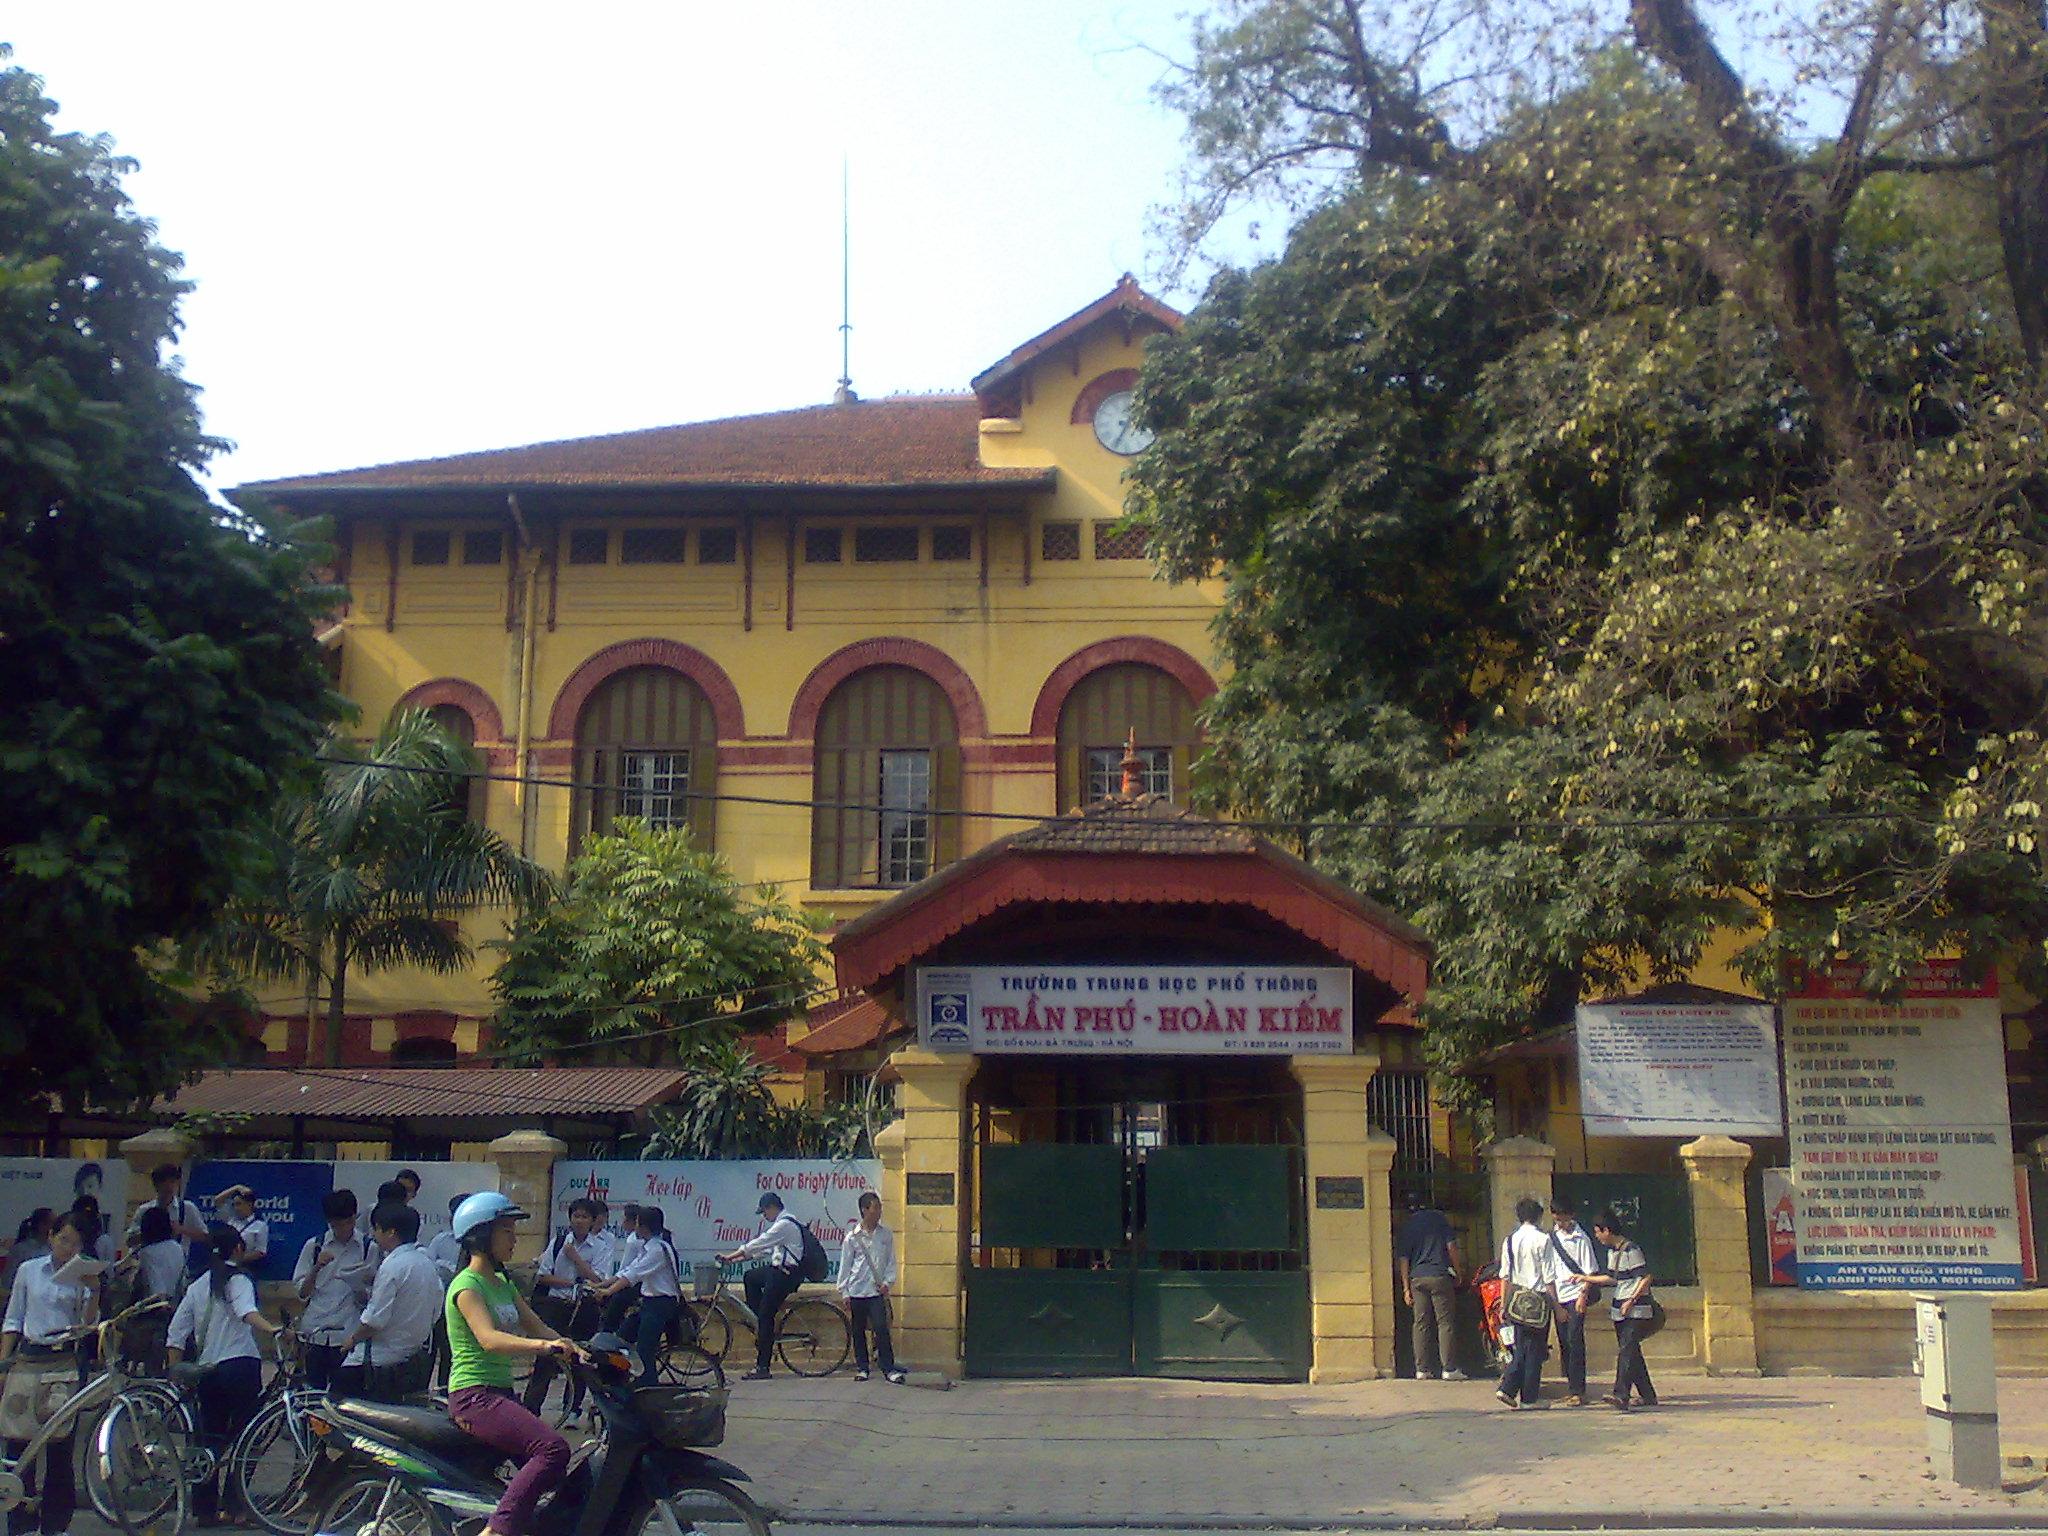 Trường THPT Trần Phú Hà Nội